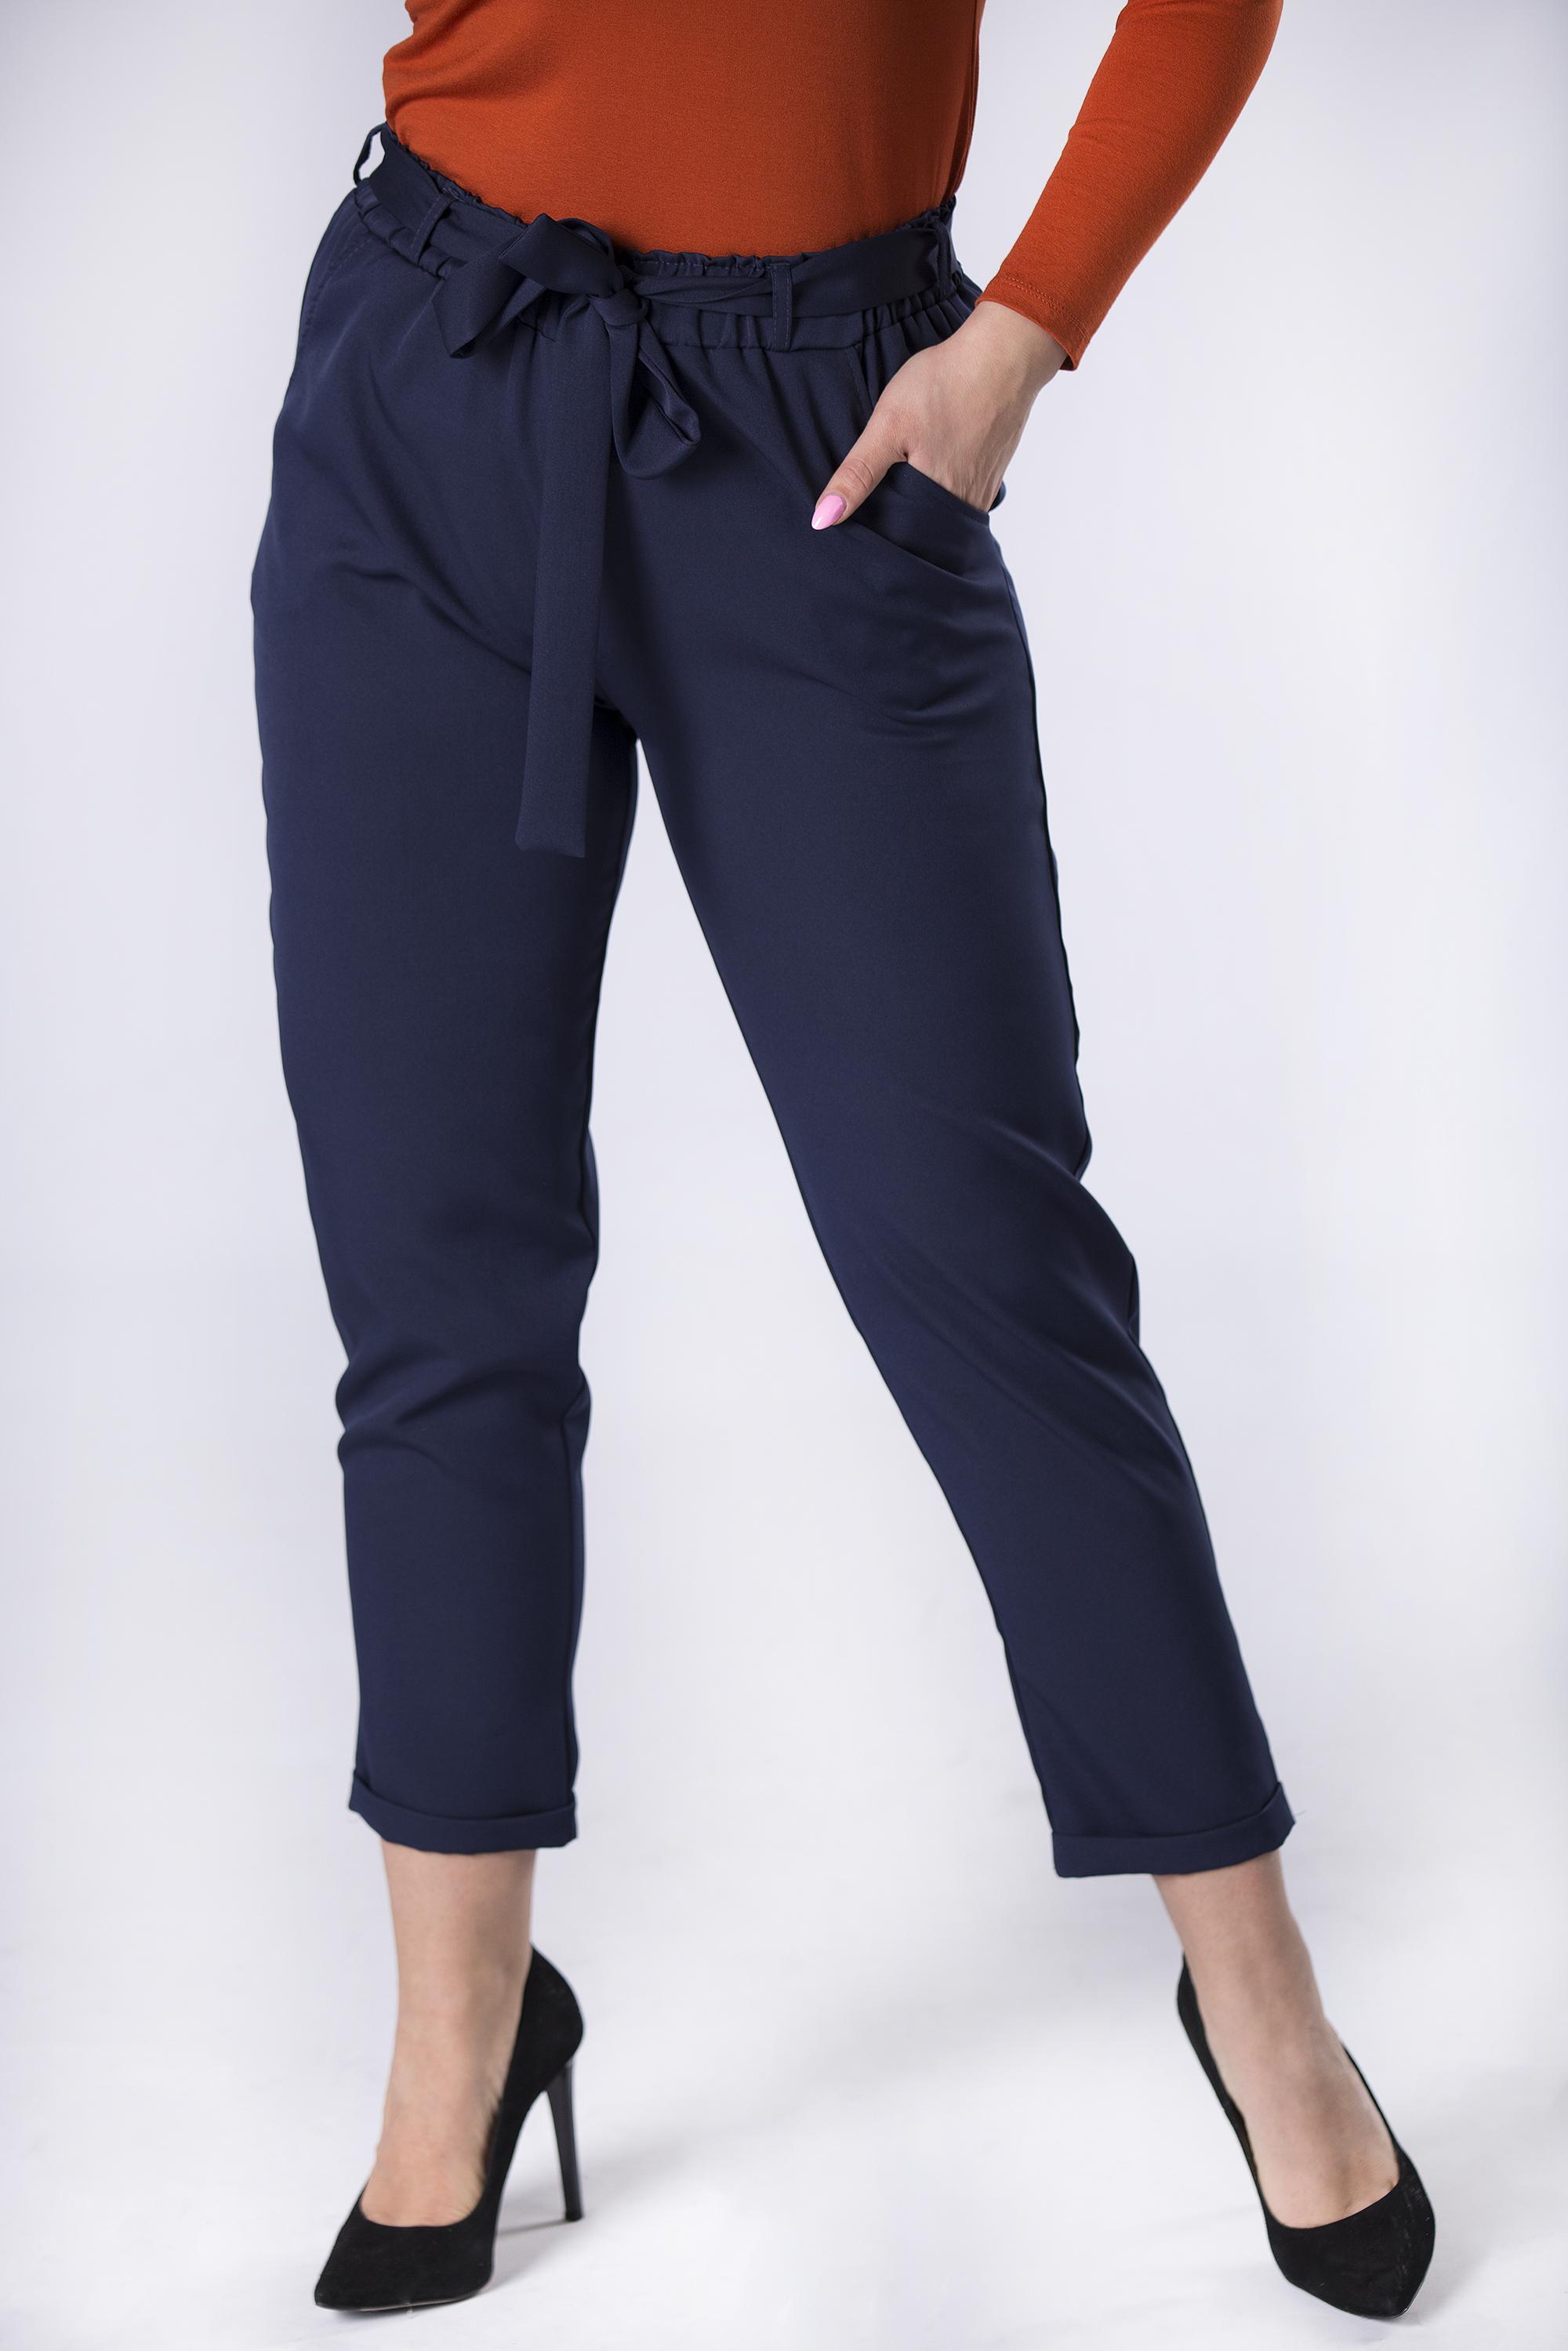 Dámske modré nohavice s opaskom - 3XL